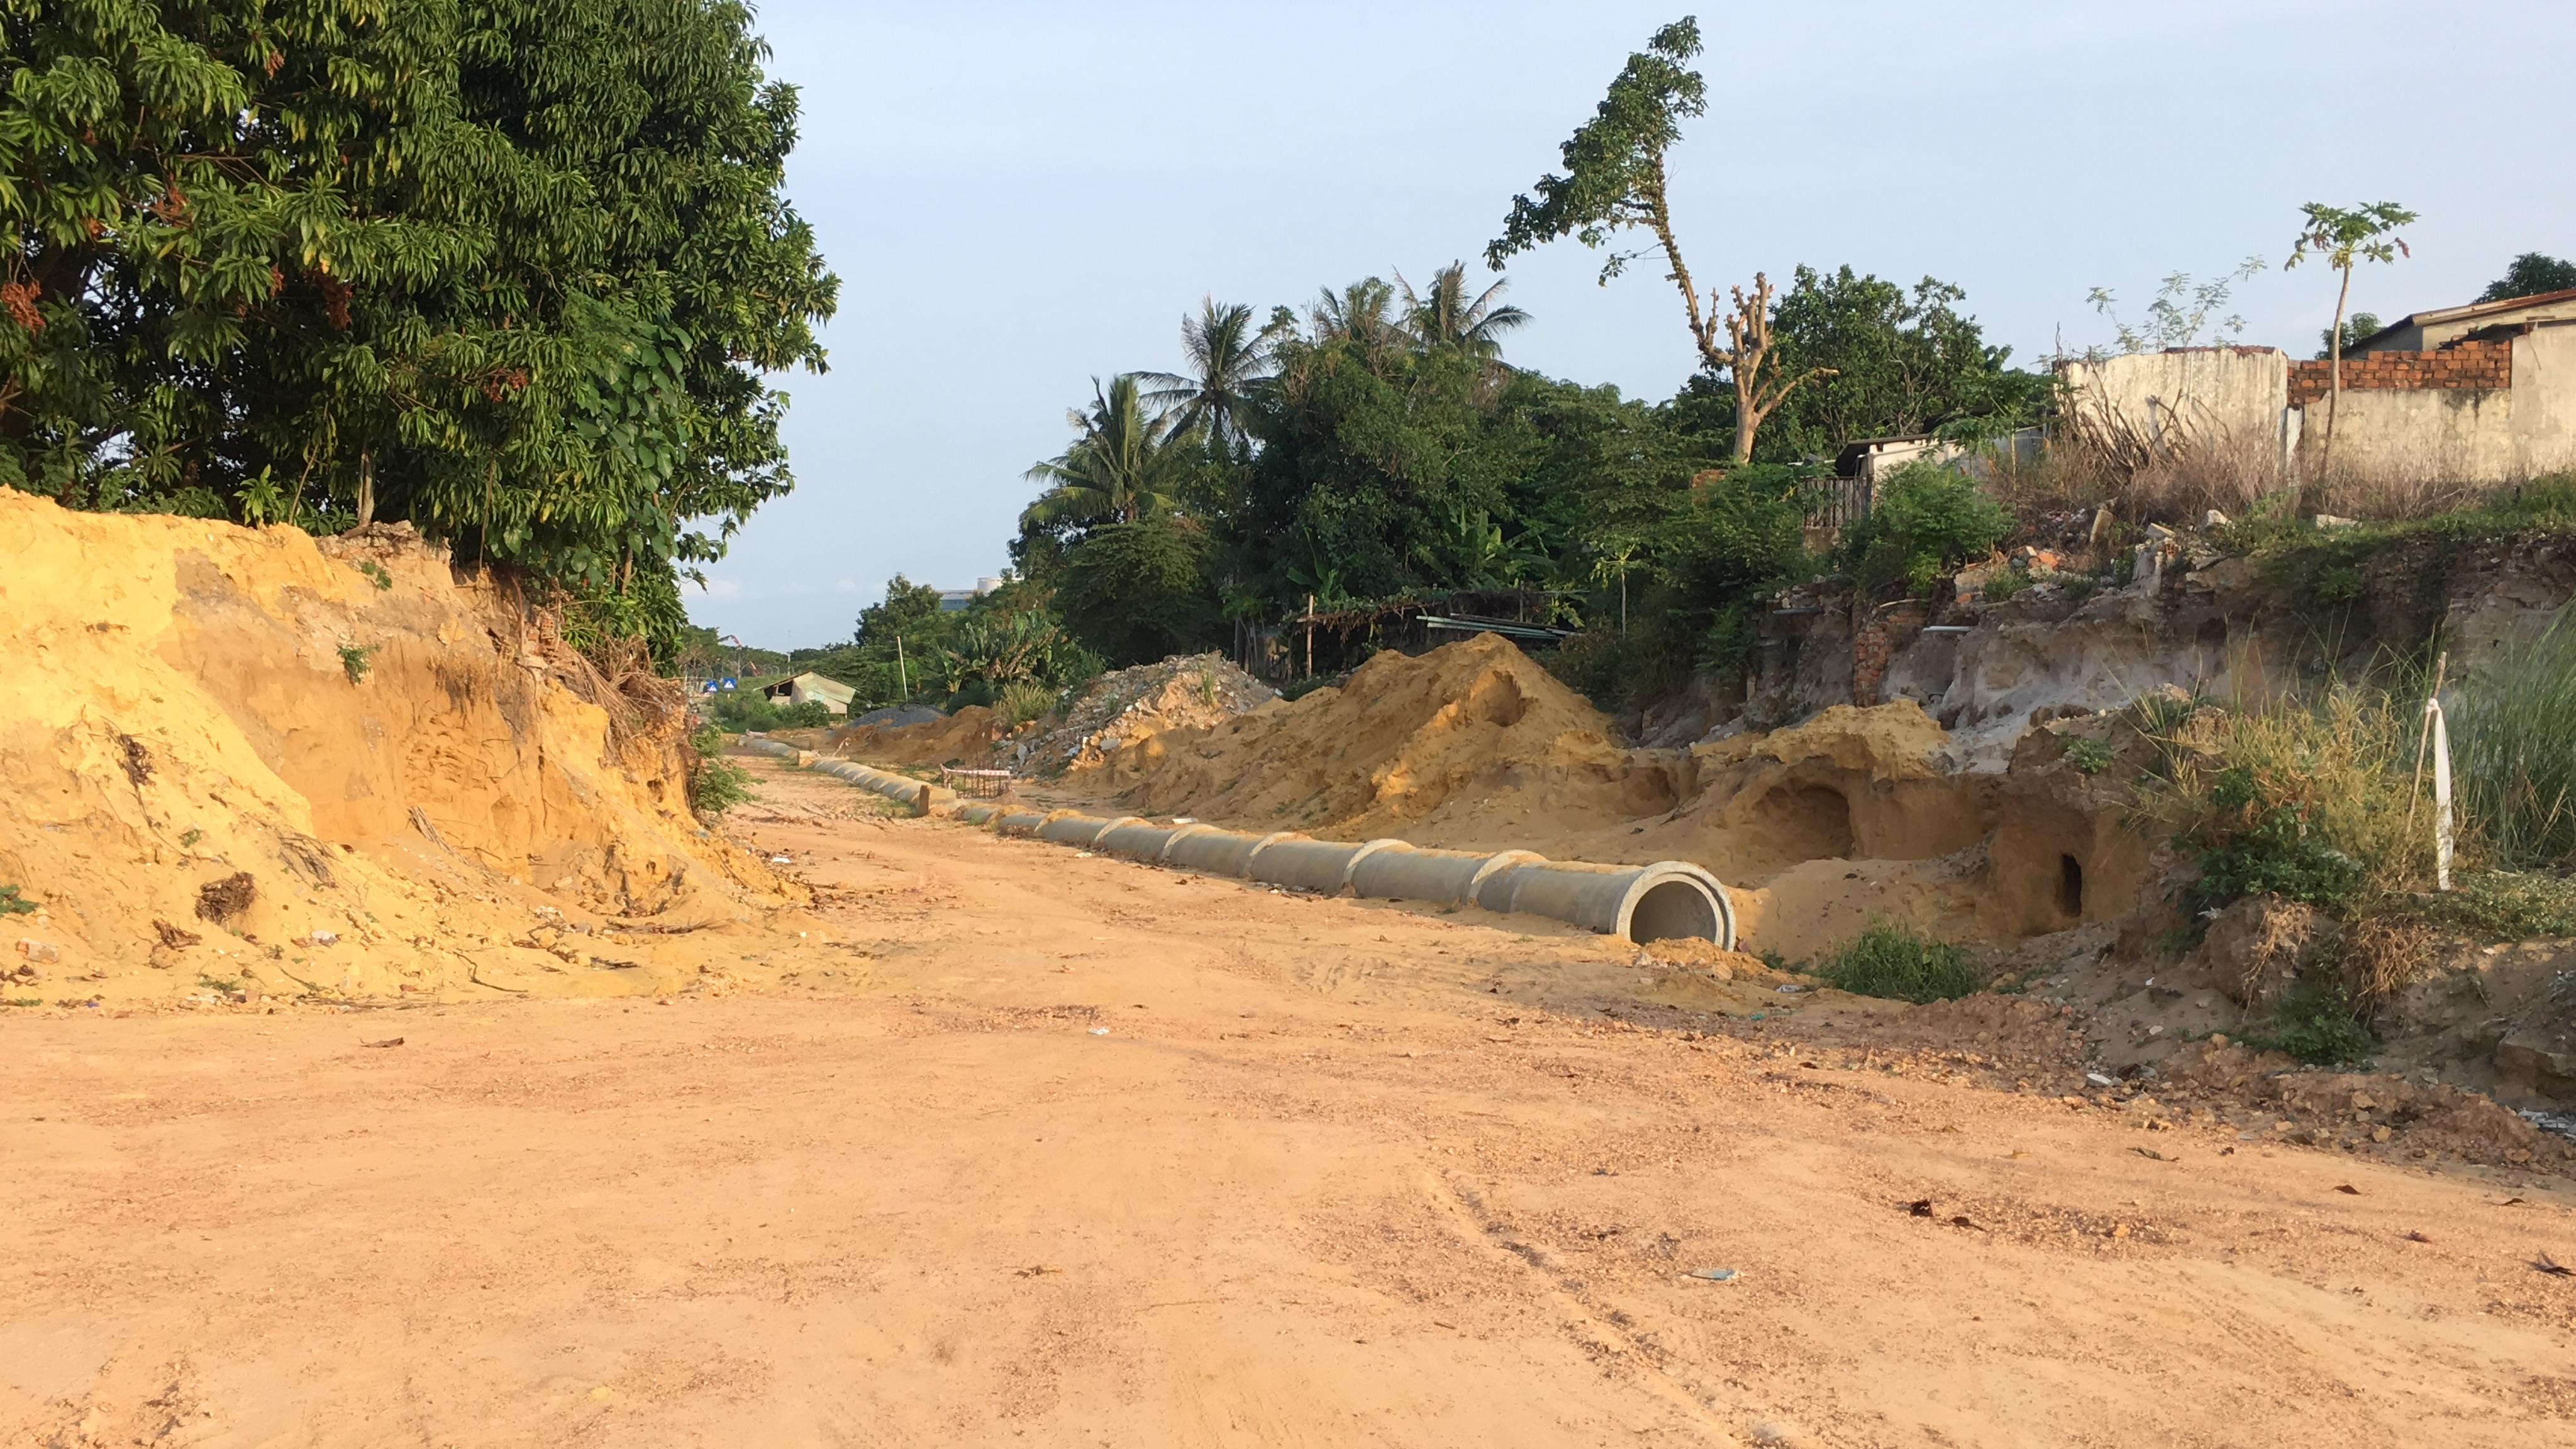 Tuyến đường trục 1 Tây Bắc đang mở theo qui hoạch ở quận Liên Chiểu, Đà Nẵng - Ảnh 12.